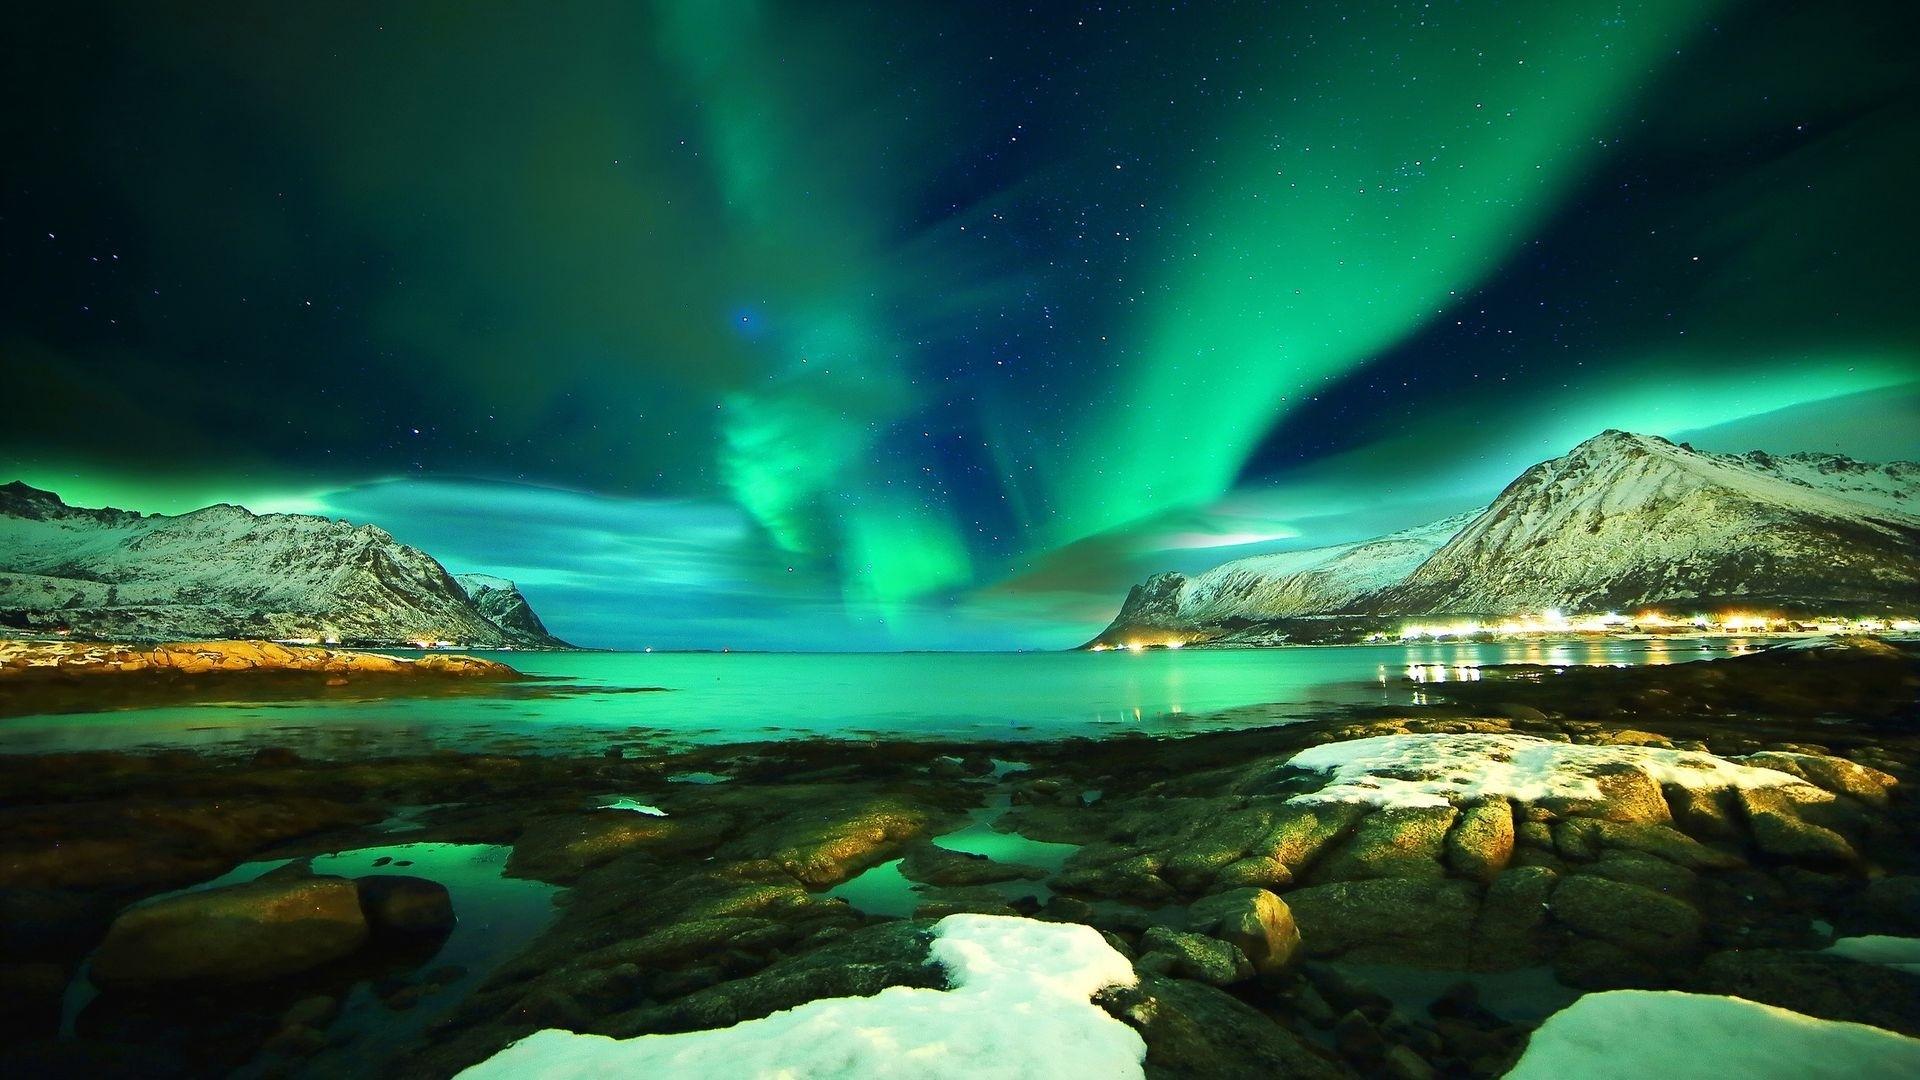 Northern Lights a wallpaper